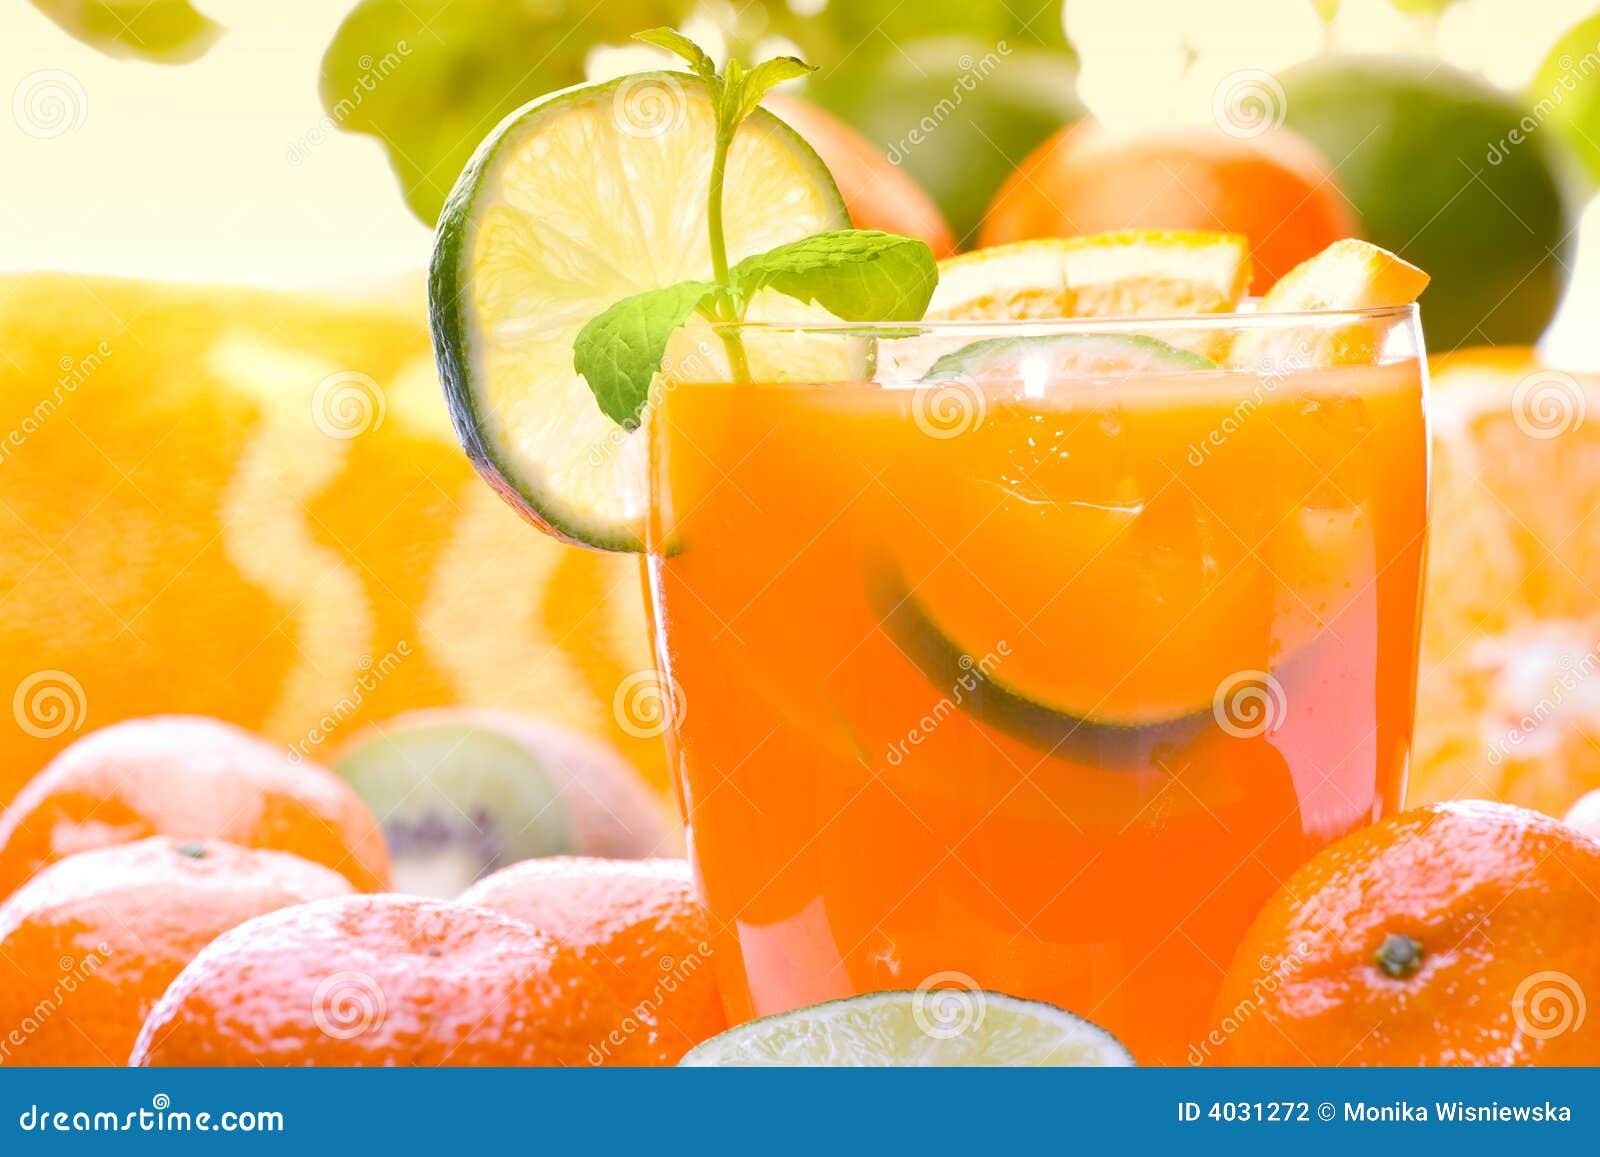 De Drank van de citrusvrucht